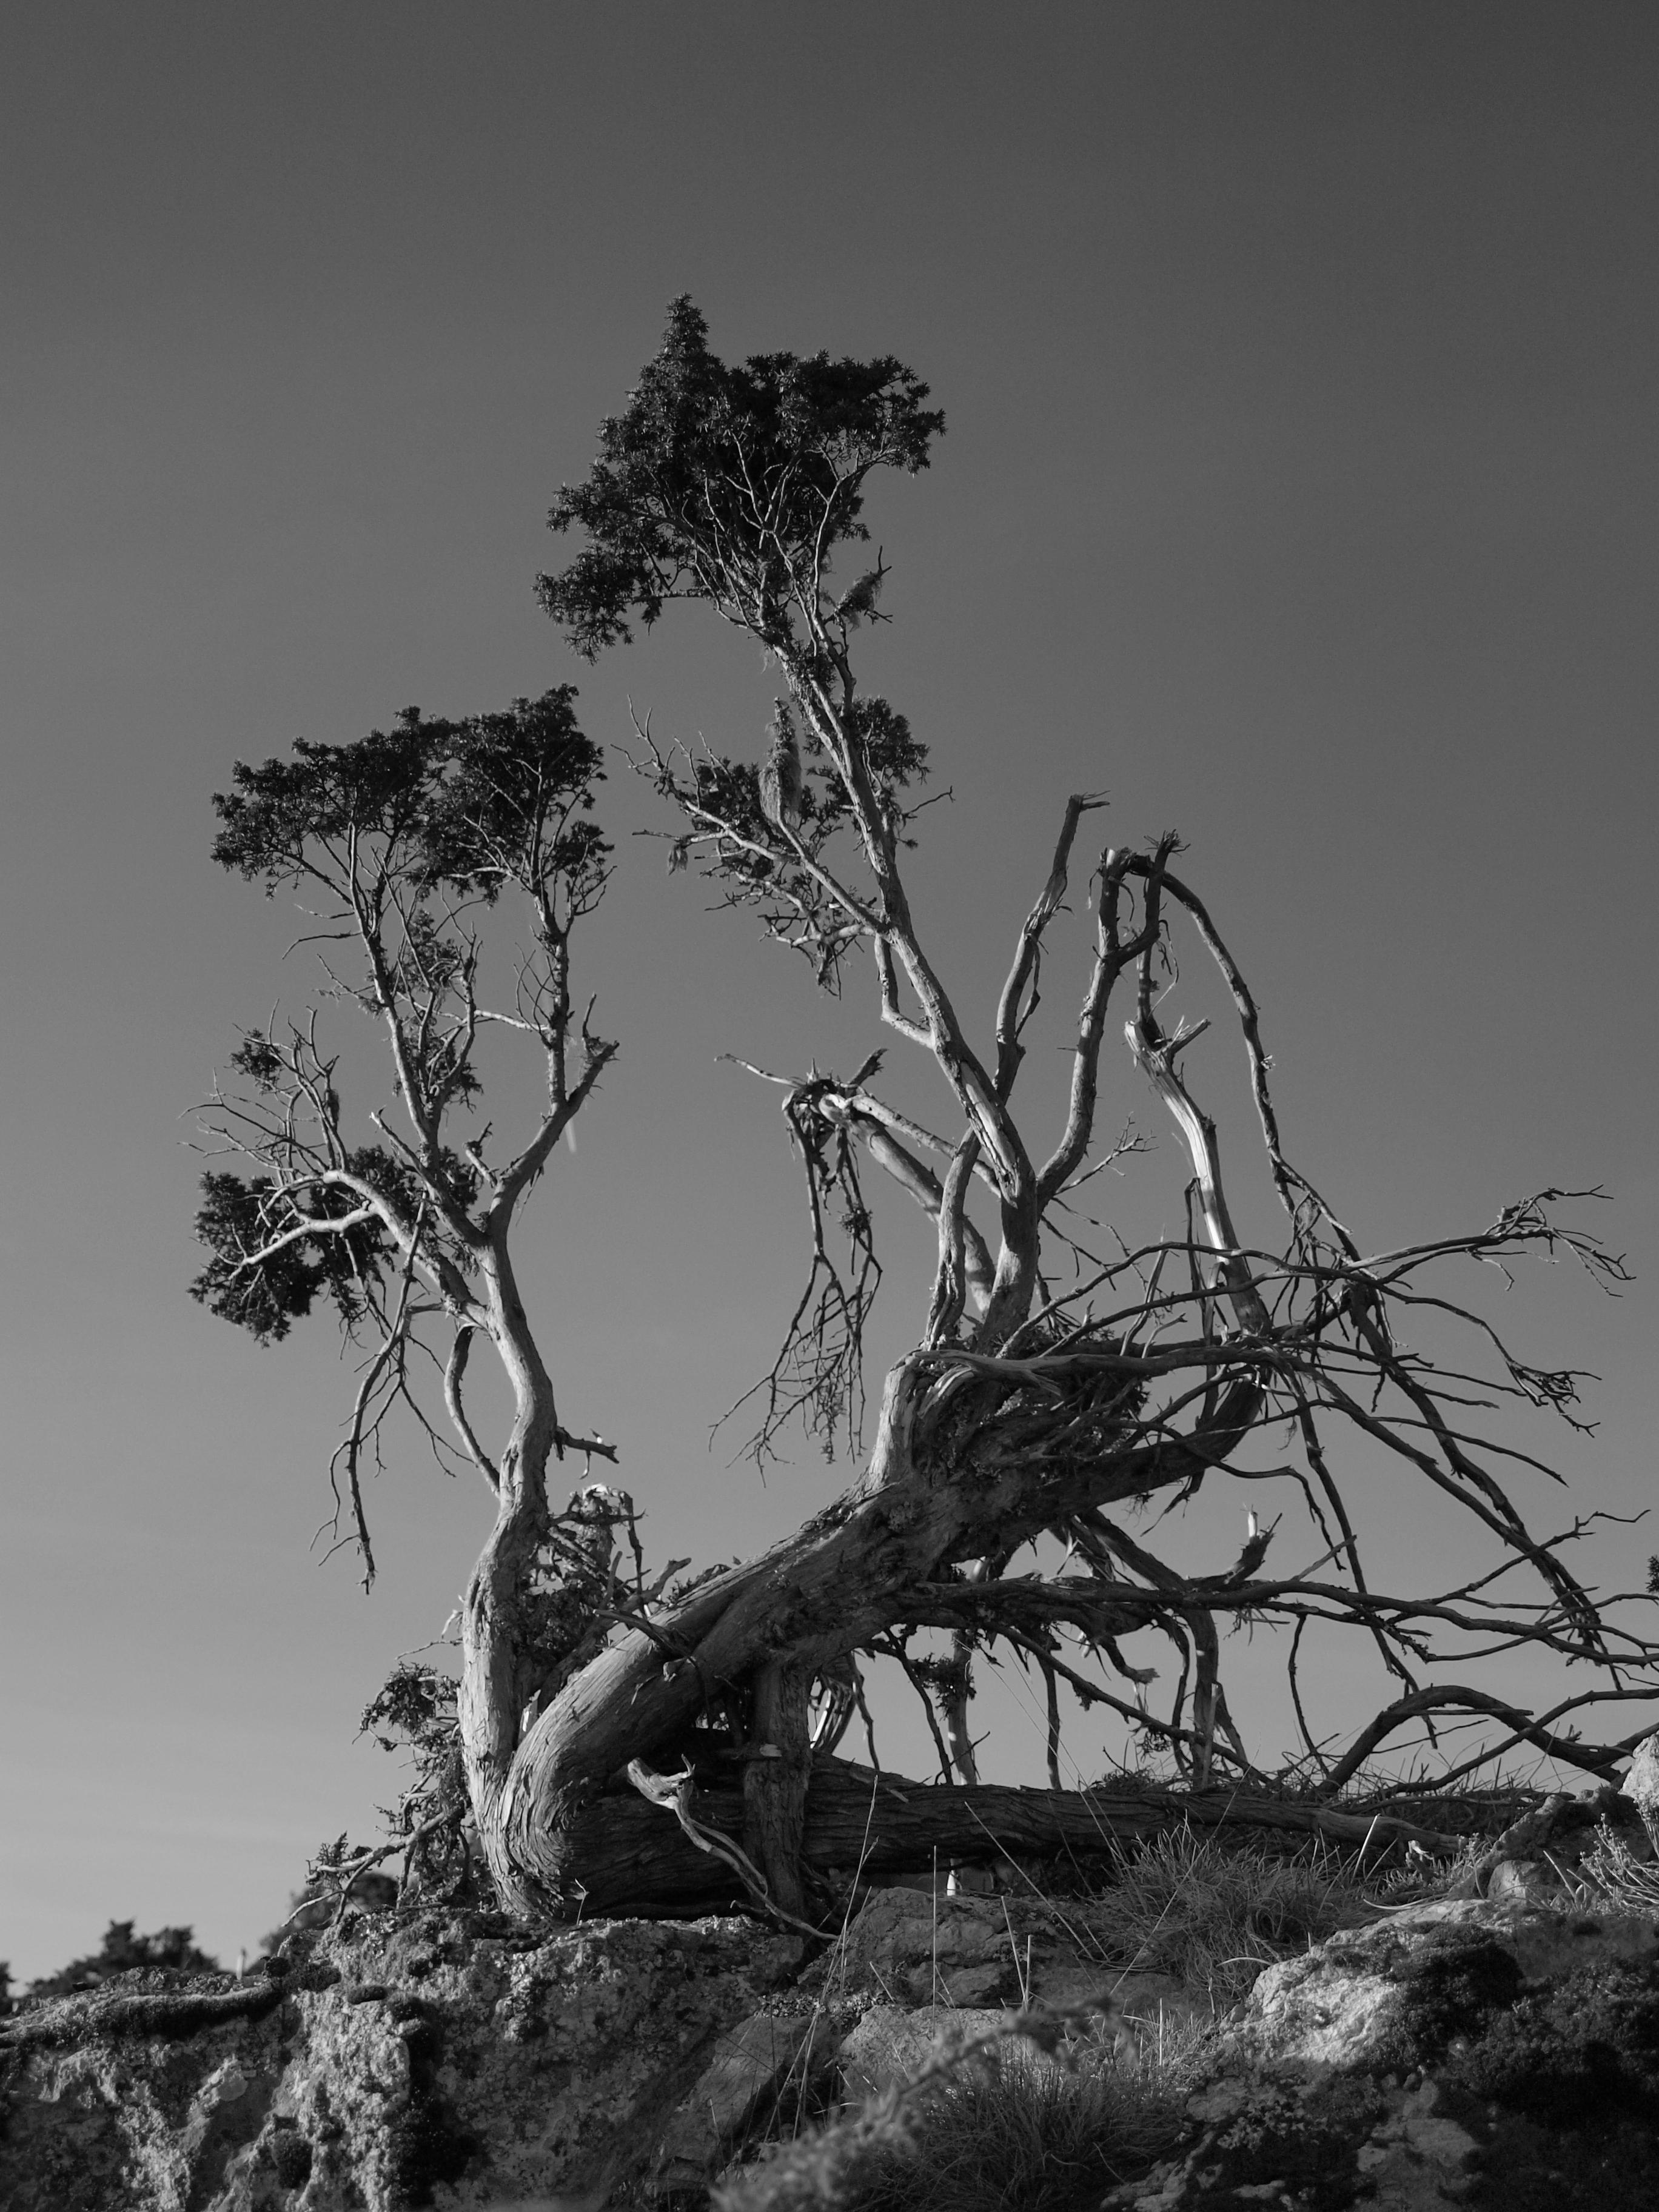 Les vieilles branches by Pixelmenteur